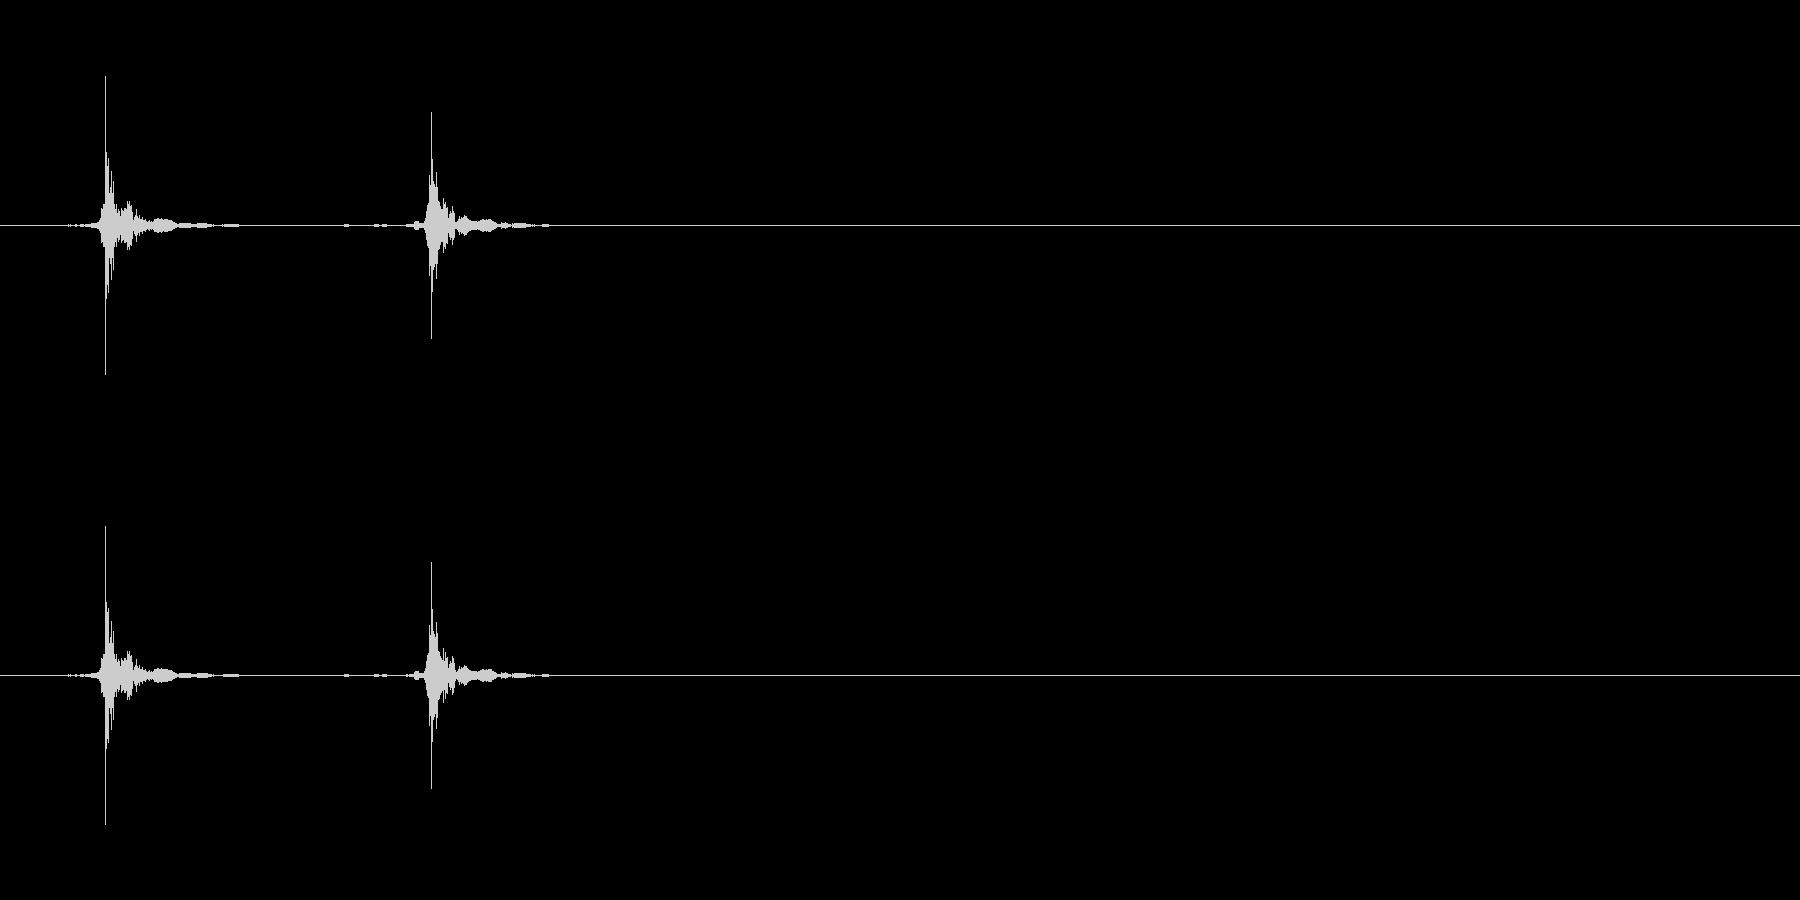 カチッ(フタの開閉、クリック)の未再生の波形